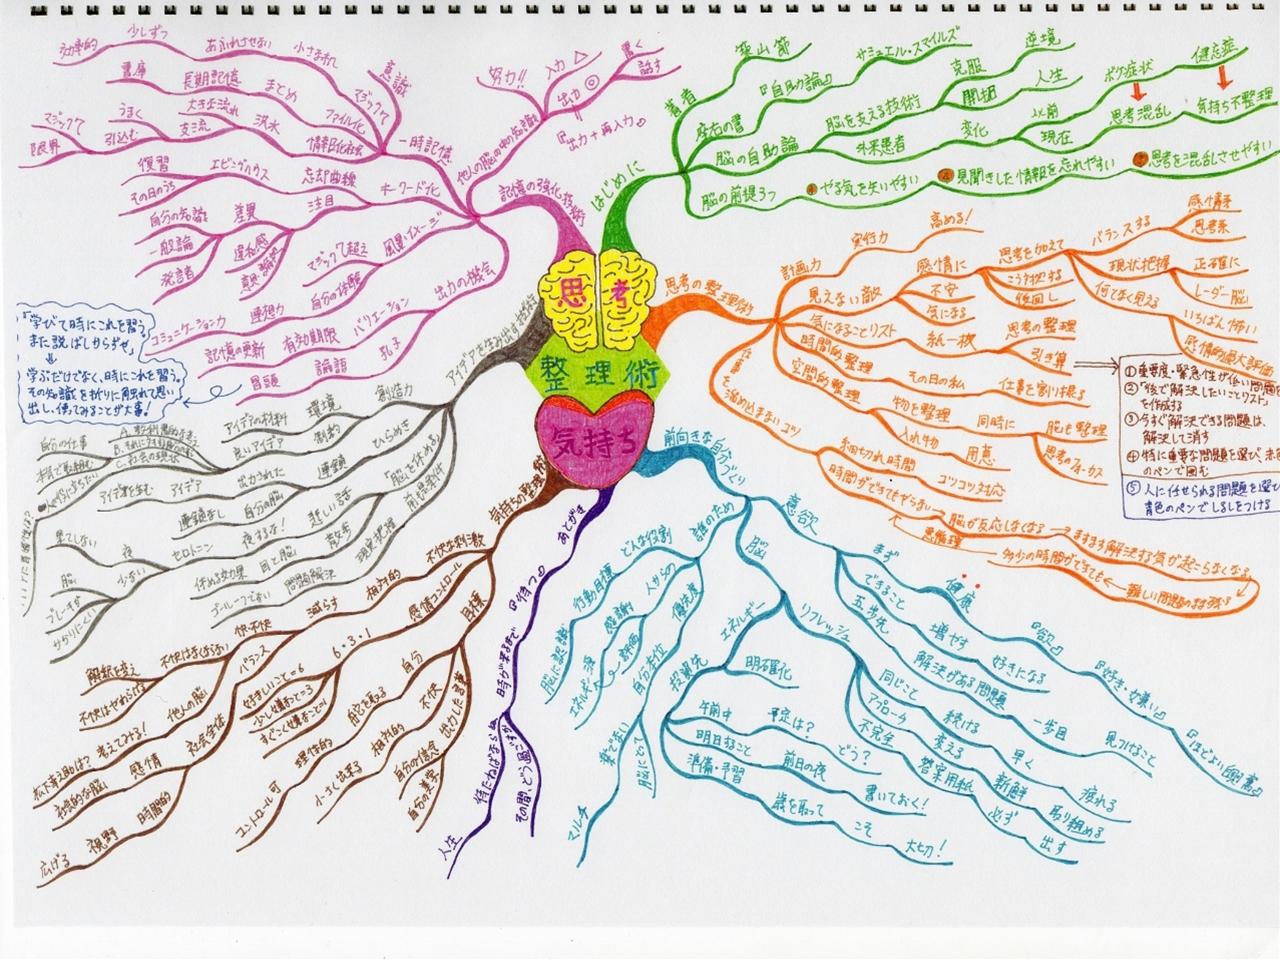 読書マインドマップ『思考の整理術』